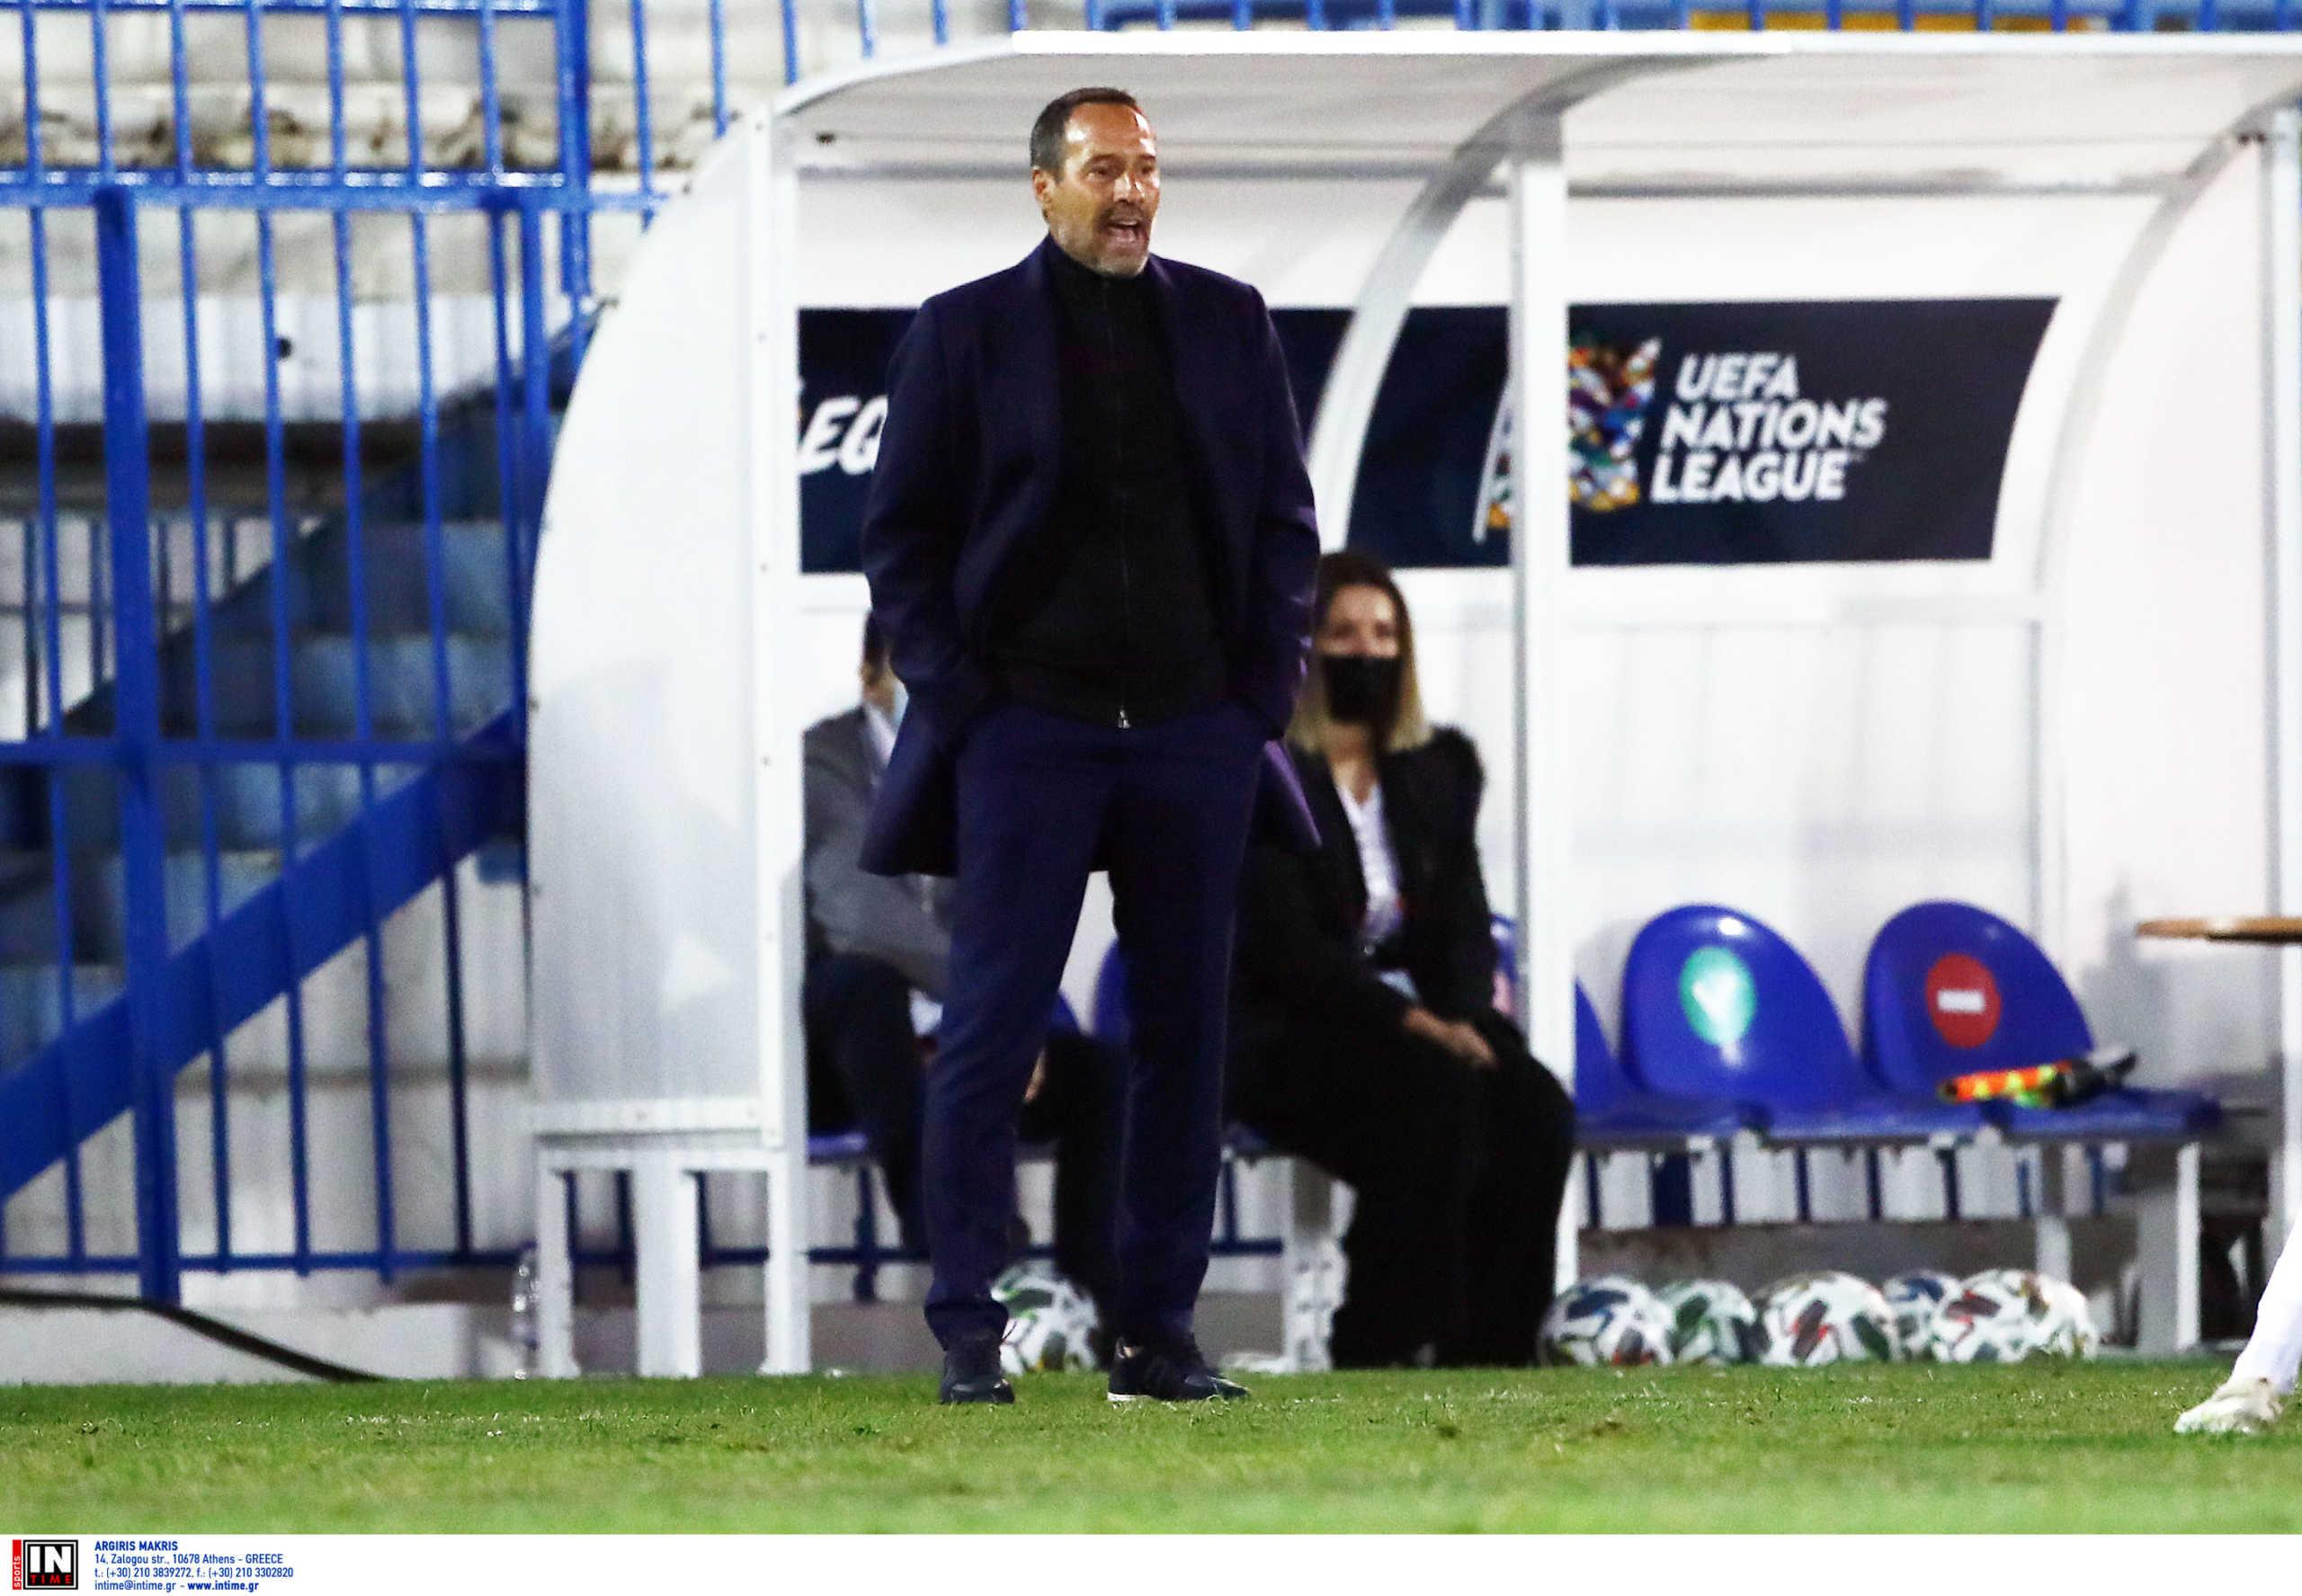 """Φαν'τ Σιπ: """"Περήφανος αλλά απογοητευμένος από το αποτέλεσμα"""" – H ατάκα του Ζέκα για Όμπλακ"""